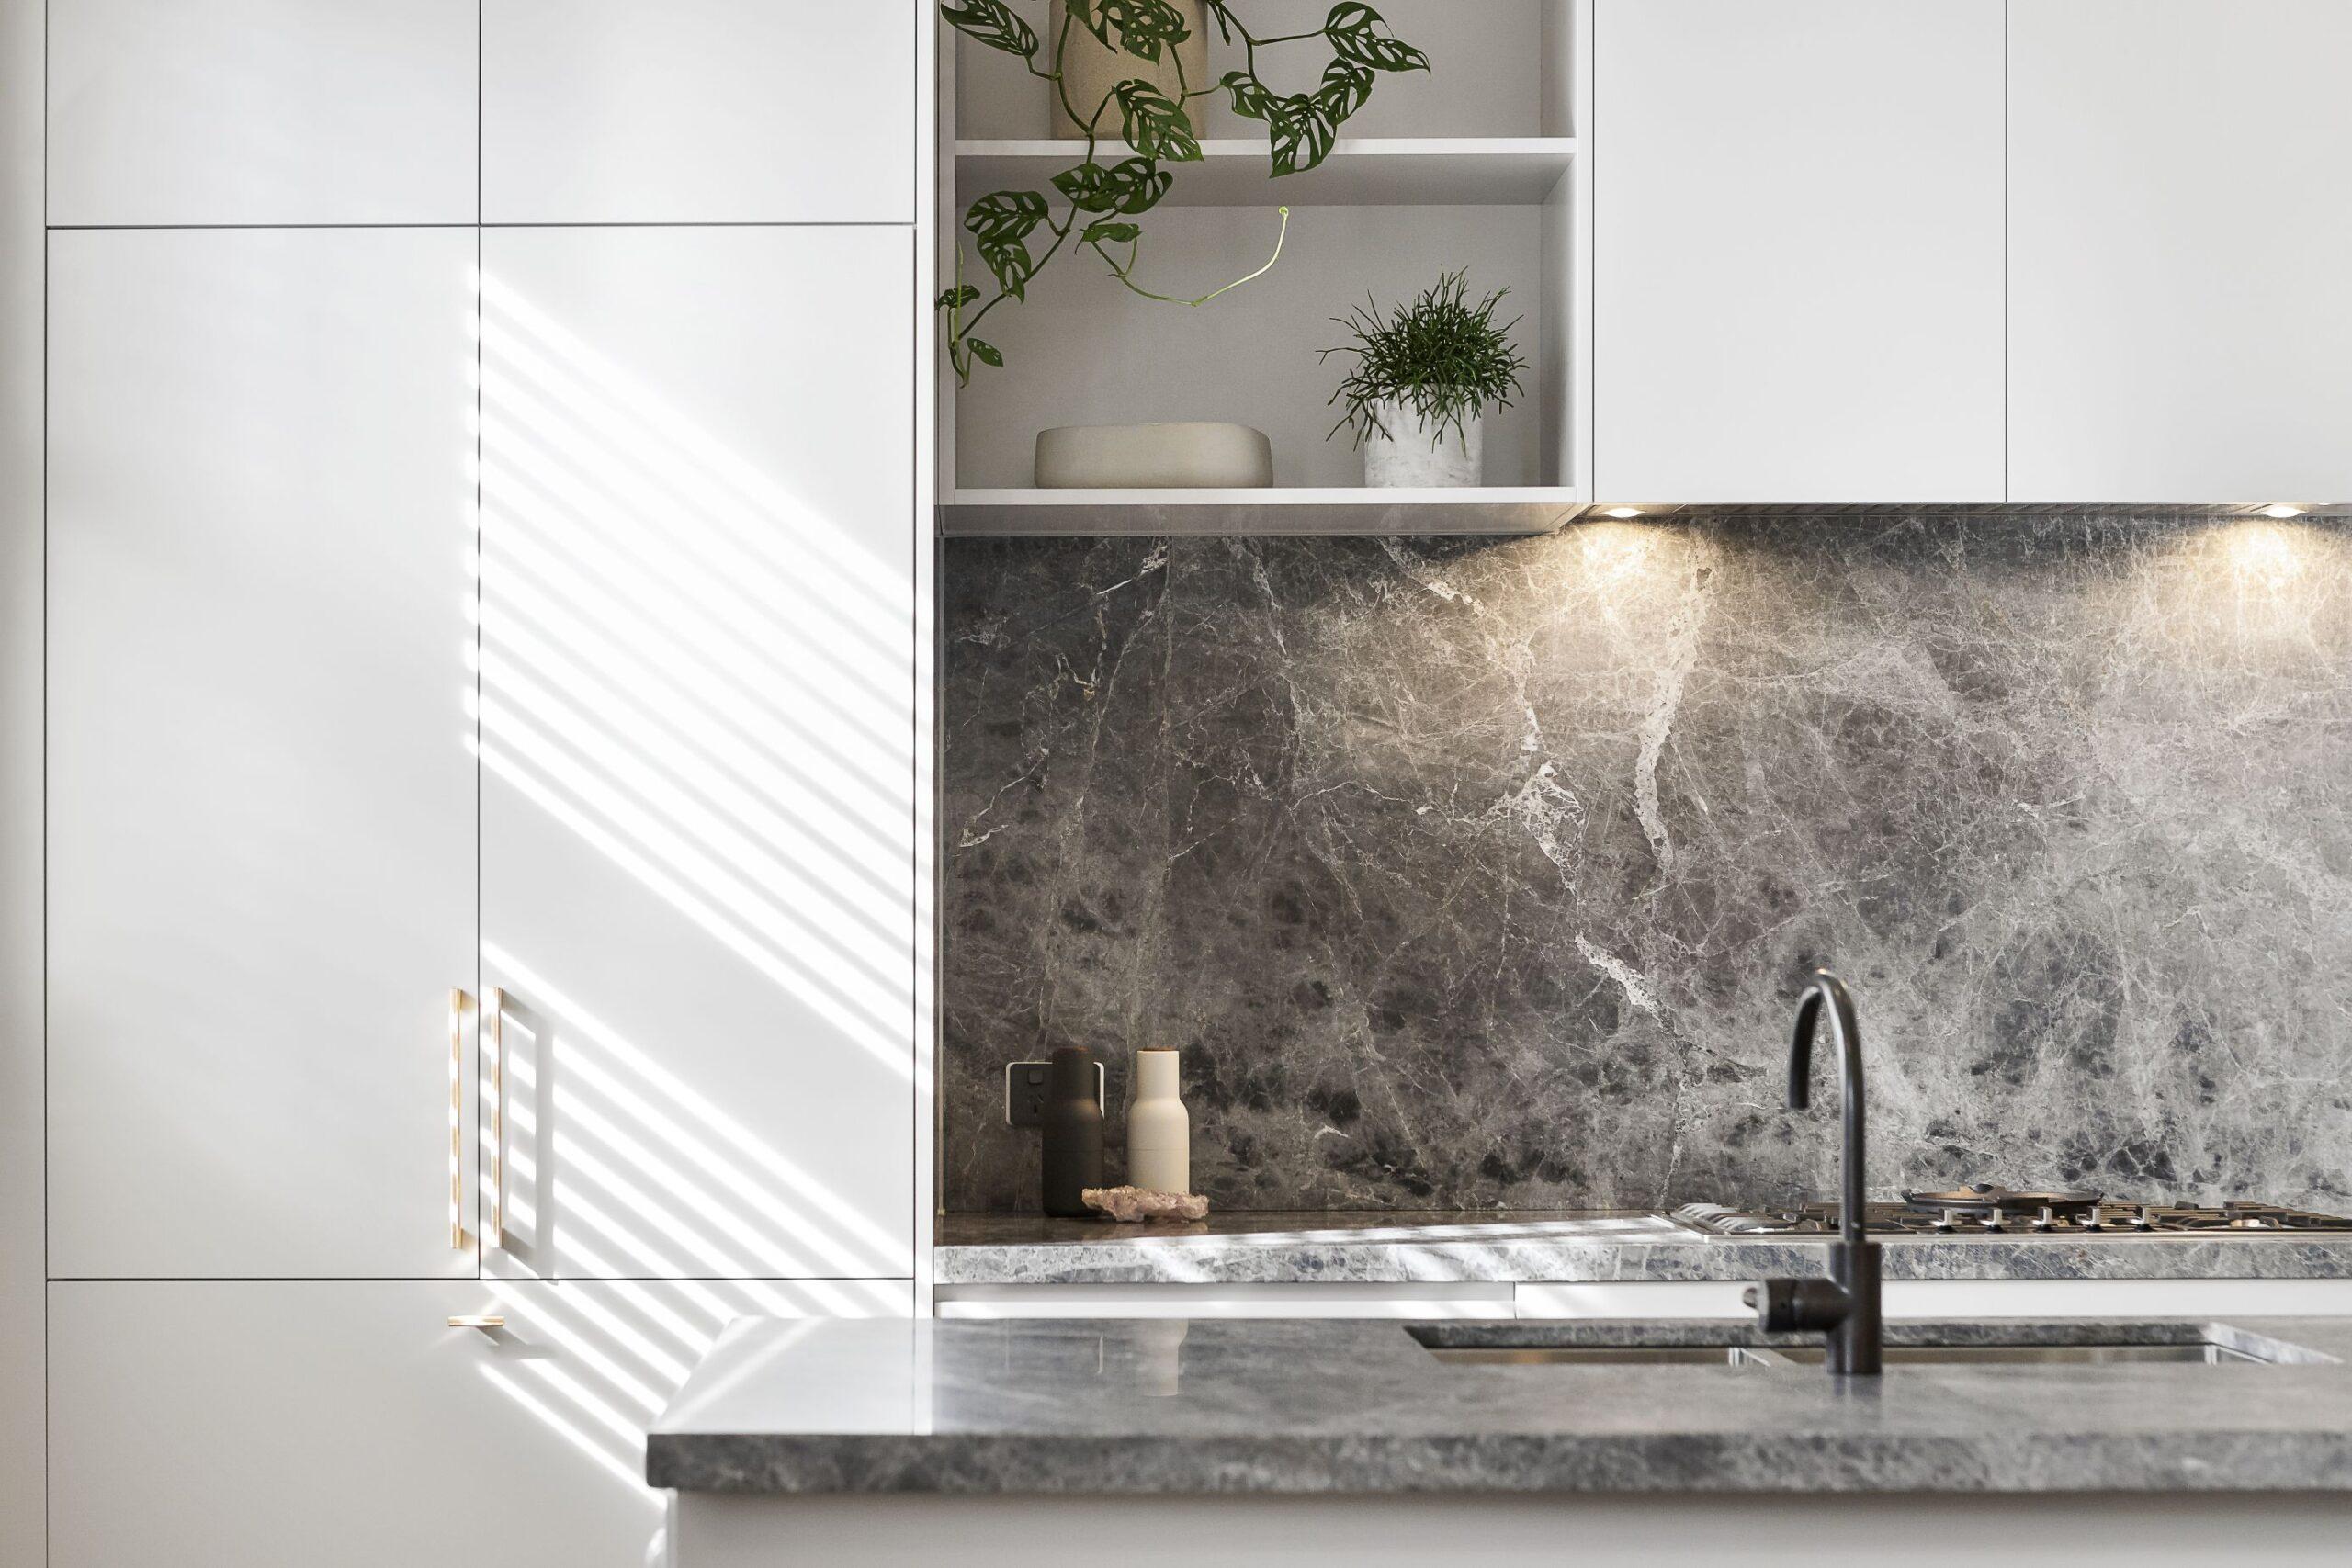 Blaty kuchenne granitowe – najlepszy wybór do współczesnej kuchni?